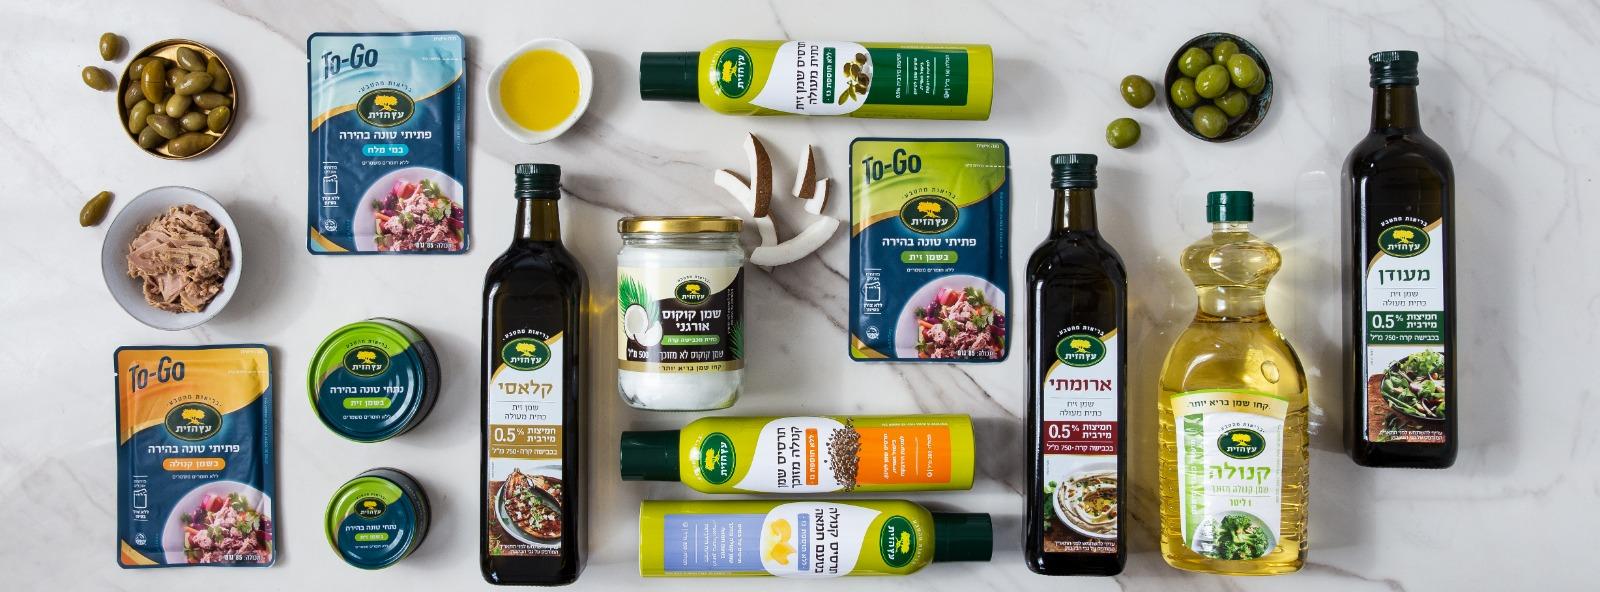 שמן זית תוצרת ישראלית – לארוחות מפנקות ובריאות